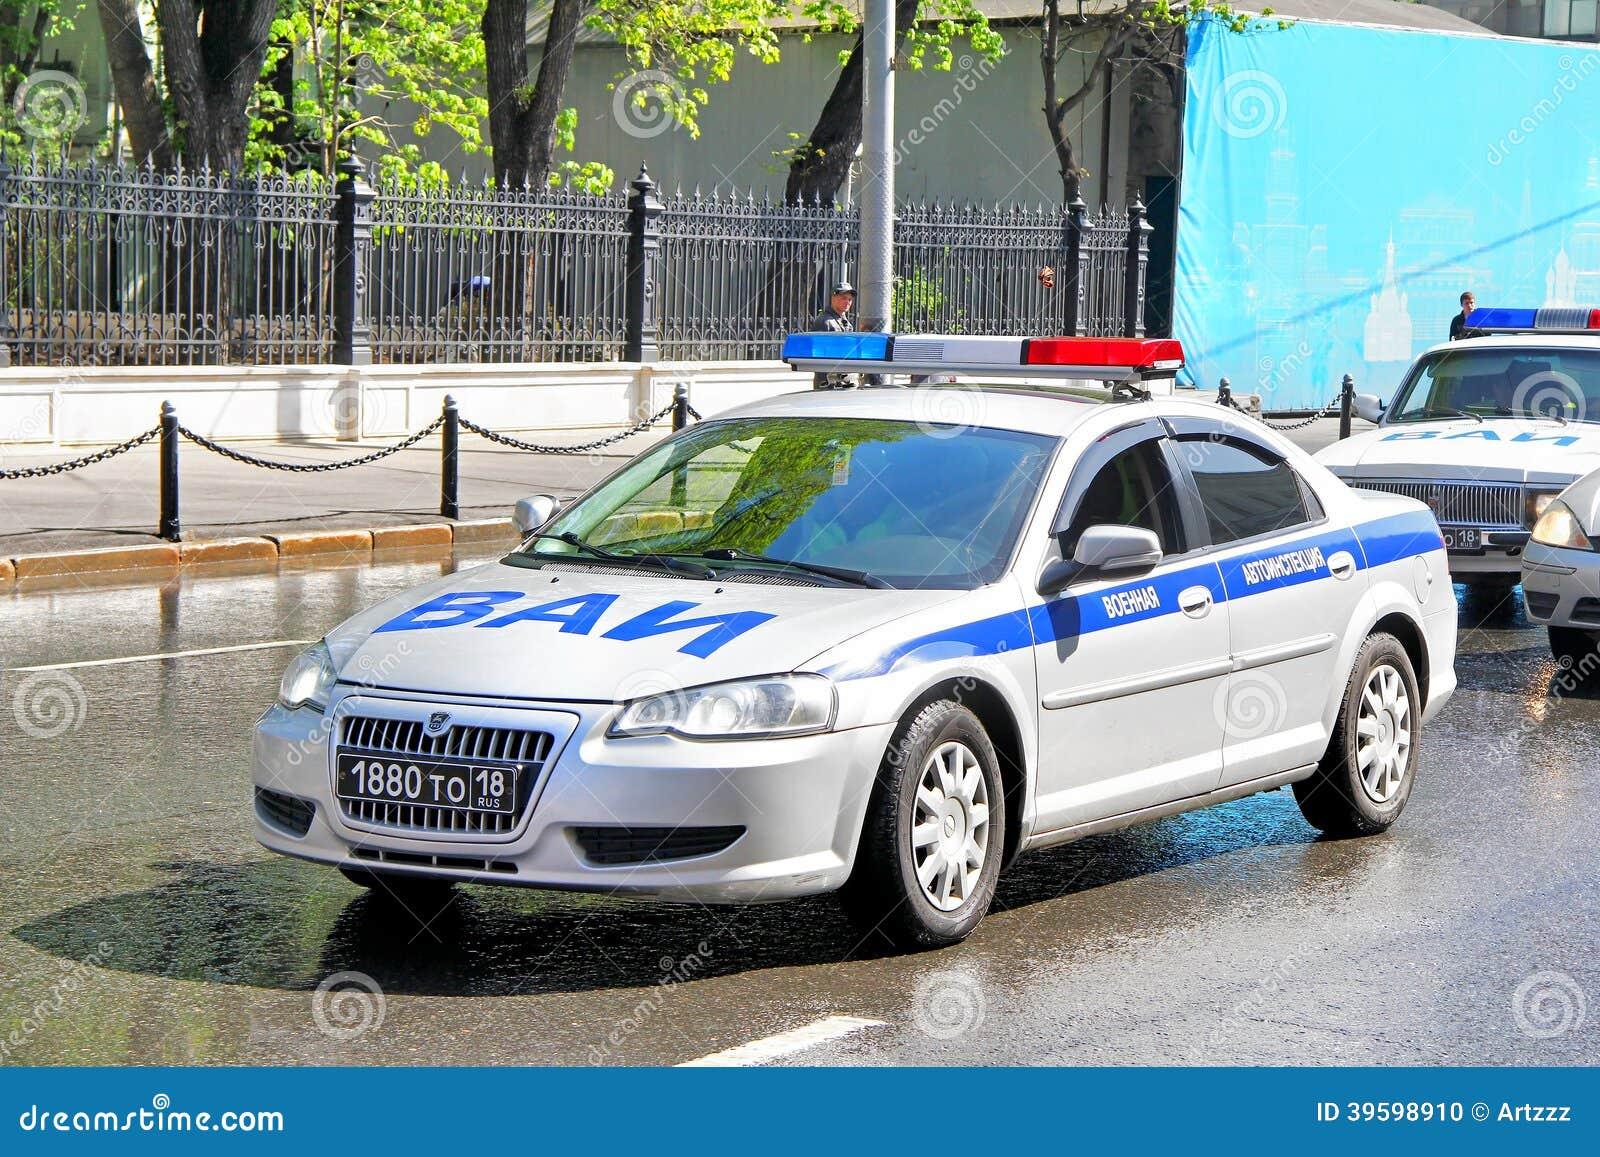 ... - MAY 6, 2012: Russian police car Volga Siber at the city street